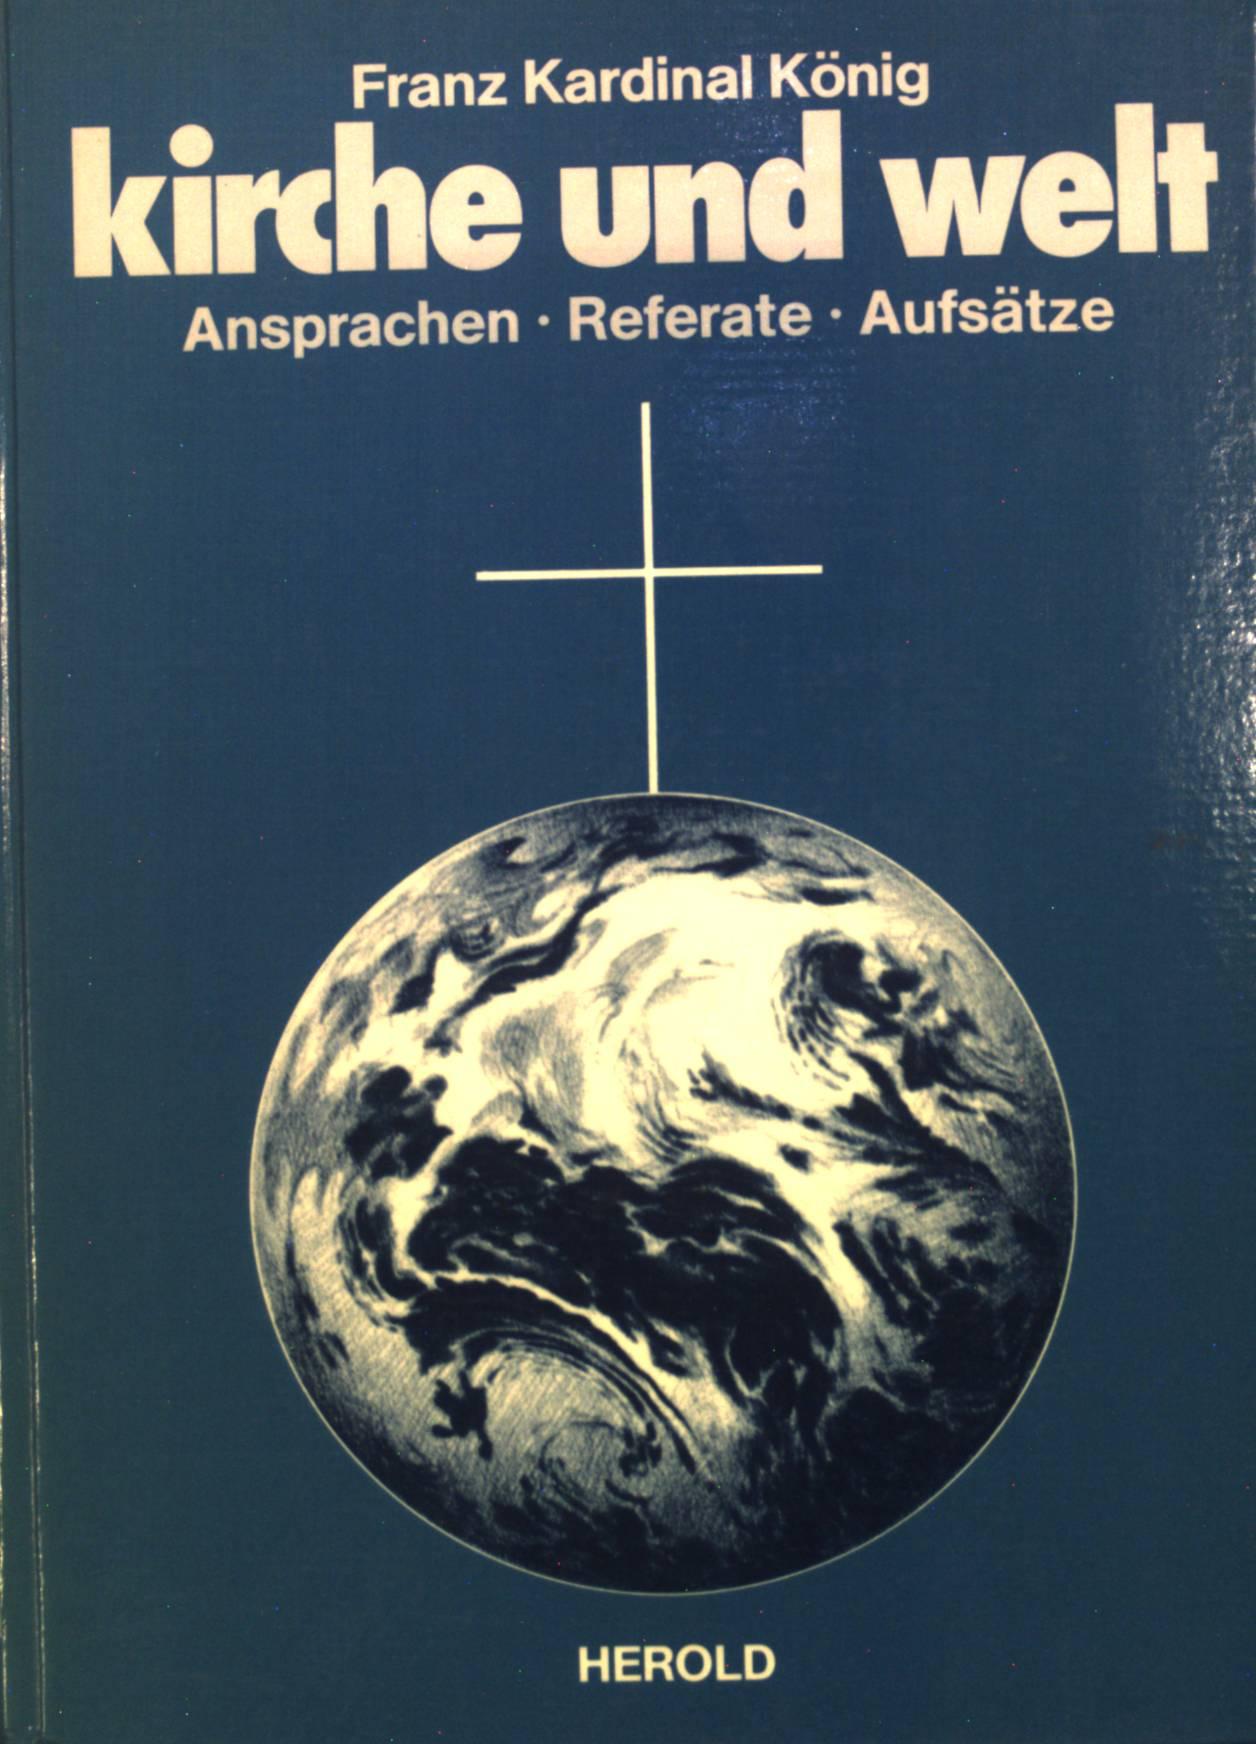 Kirche und Welt : Ansprachen, Referate, Aufsätze.: König, Franz: